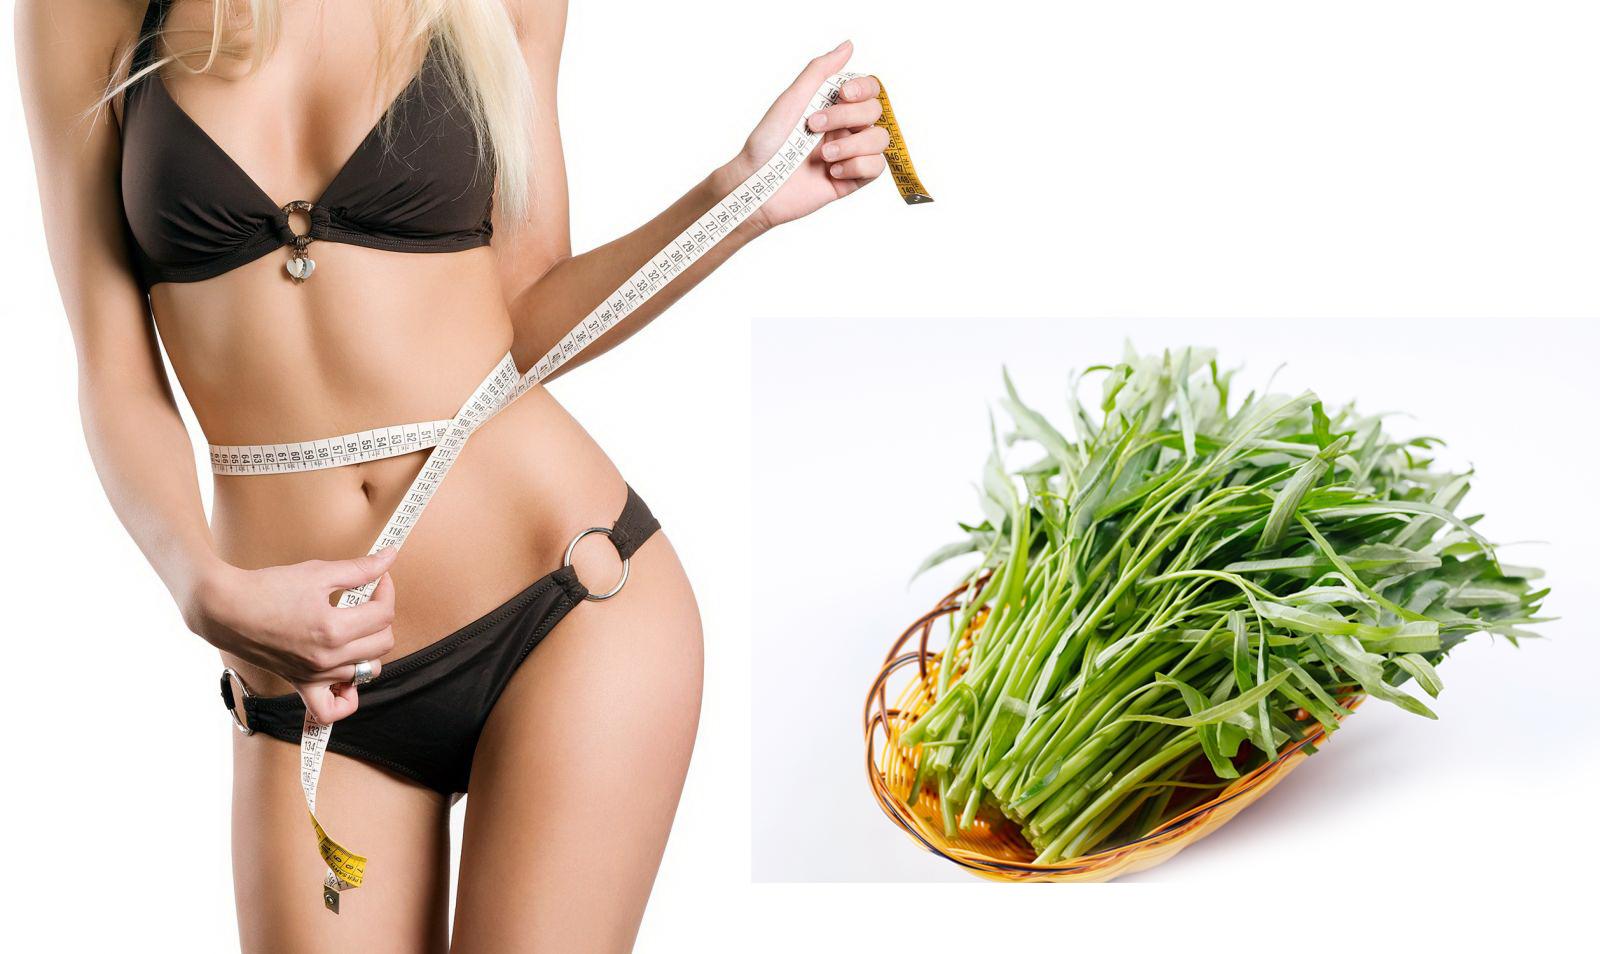 Bí quyết ăn rau muống giúp giảm cân và ngăn ngừa ung thư hiệu quả